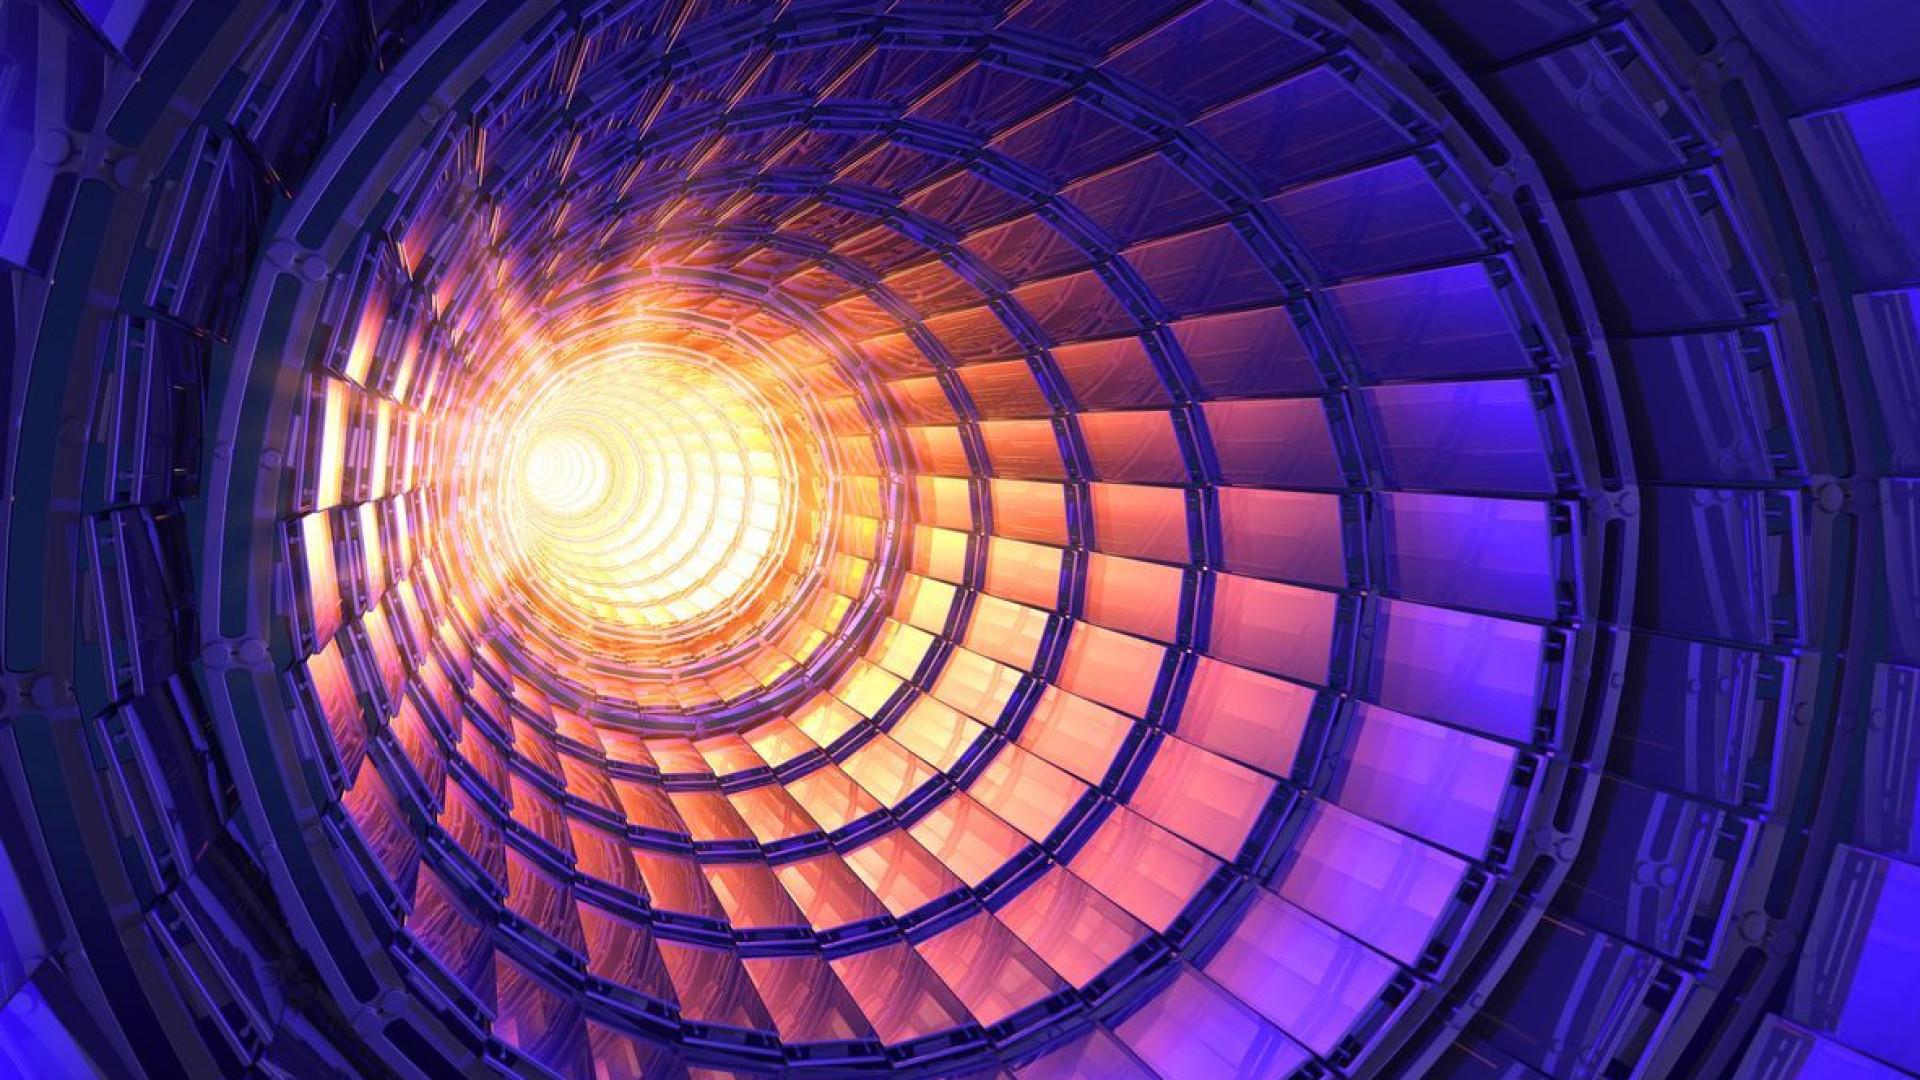 Bóson de Higgs é 'maior herança' do acelerador de partículas